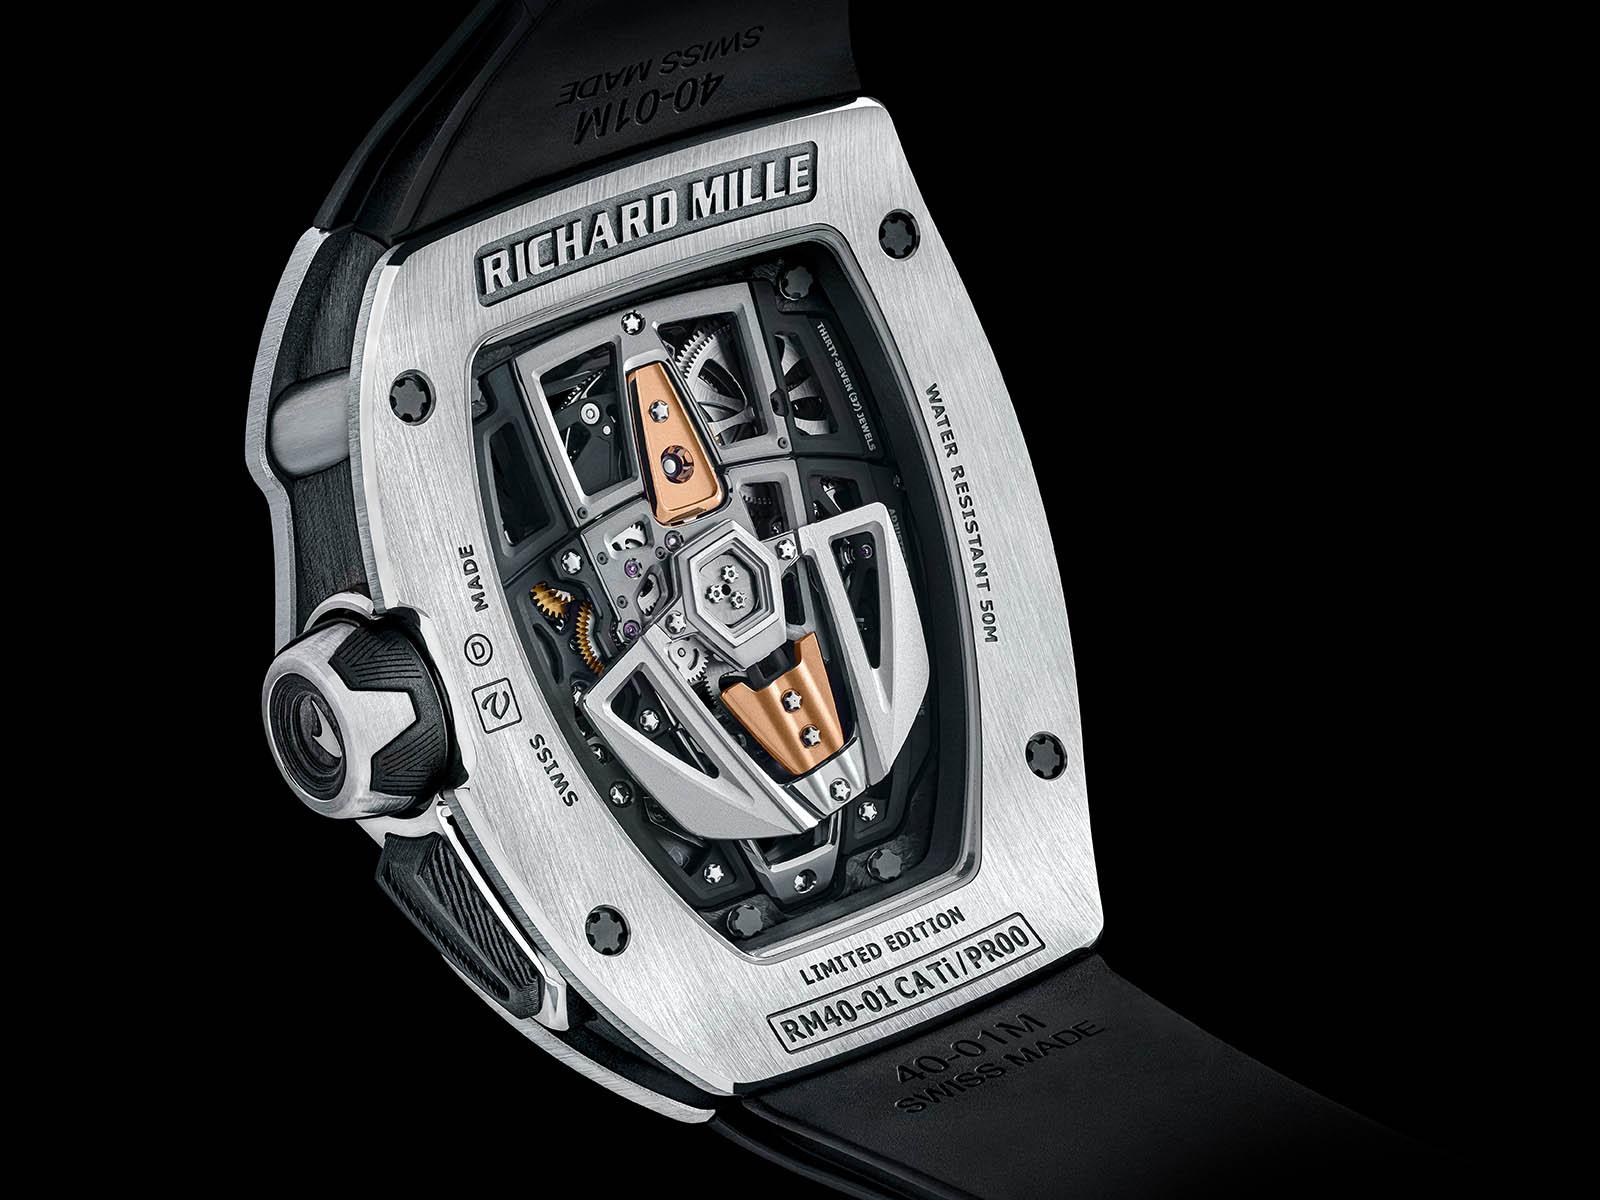 richard-mille-40-01-automatic-tourbillon-mclaren-speedtail-9.jpg